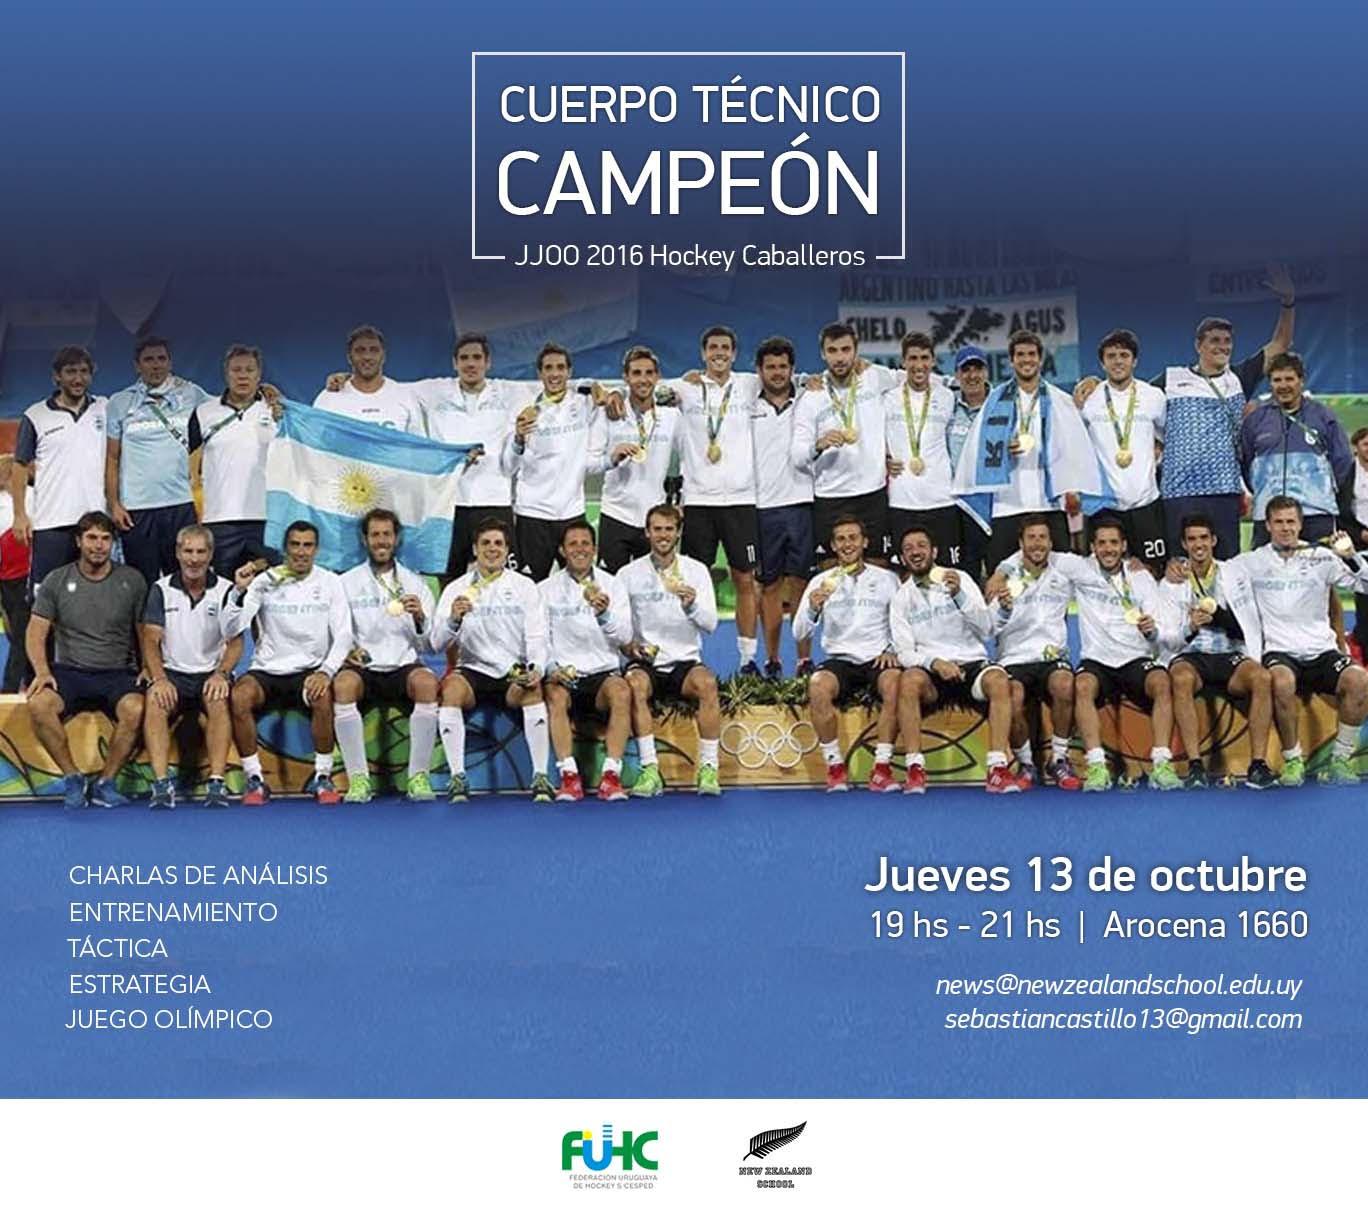 hockey-sobre-cesped-charla-cuerpo-tecnico-argentino